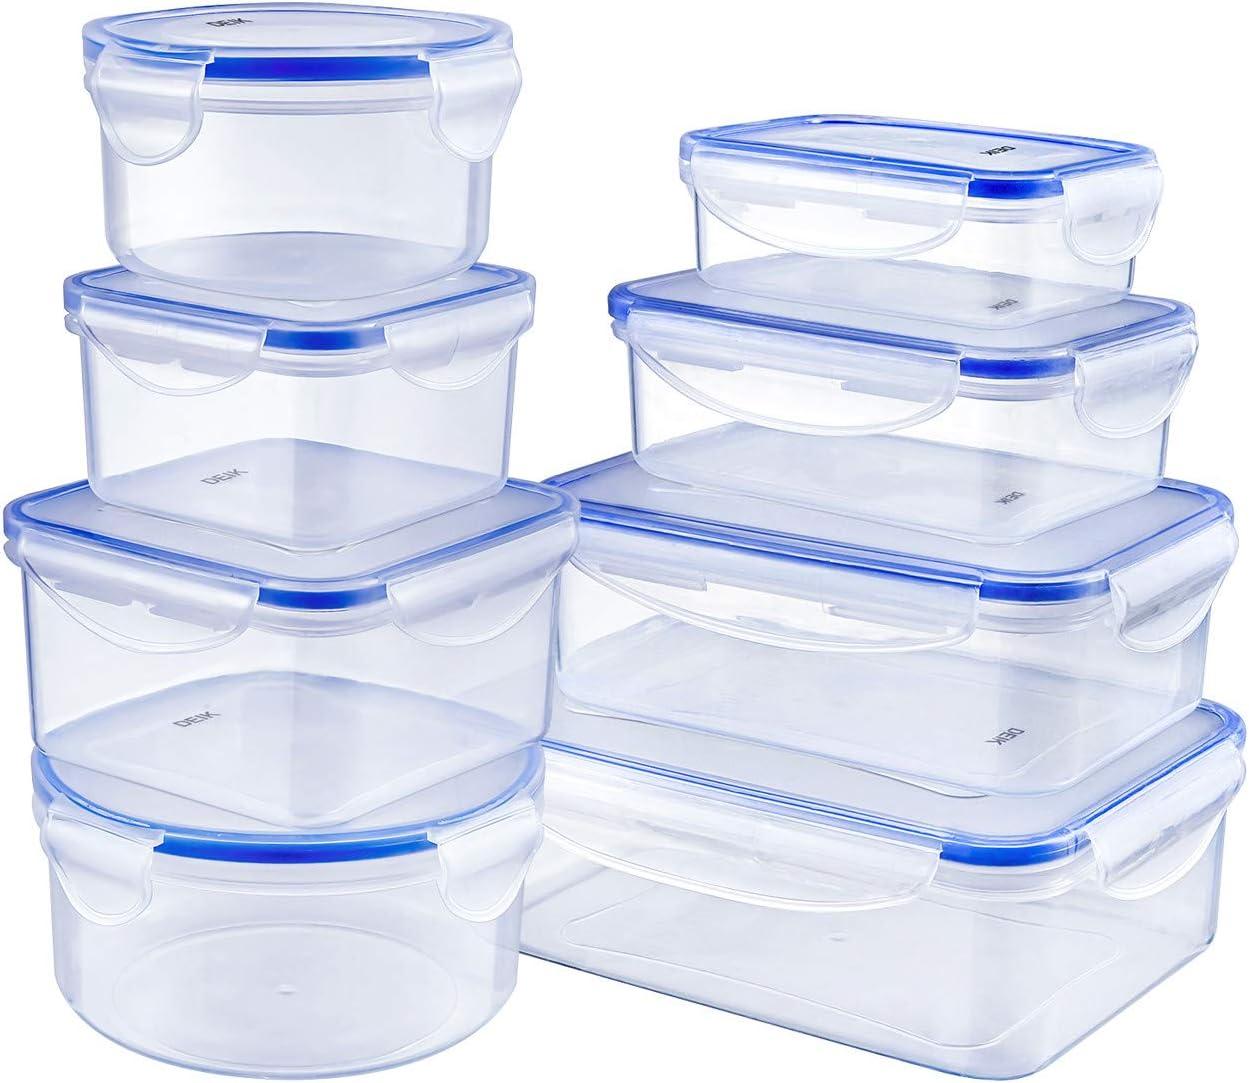 DEIK Fiambreras, Contenedores de Alimentos, Set de Recipientes Herméticos, 8 Piezas, Sin BPA, Apta para lavavajillas, congelador, Tamaños variados, Color transparente